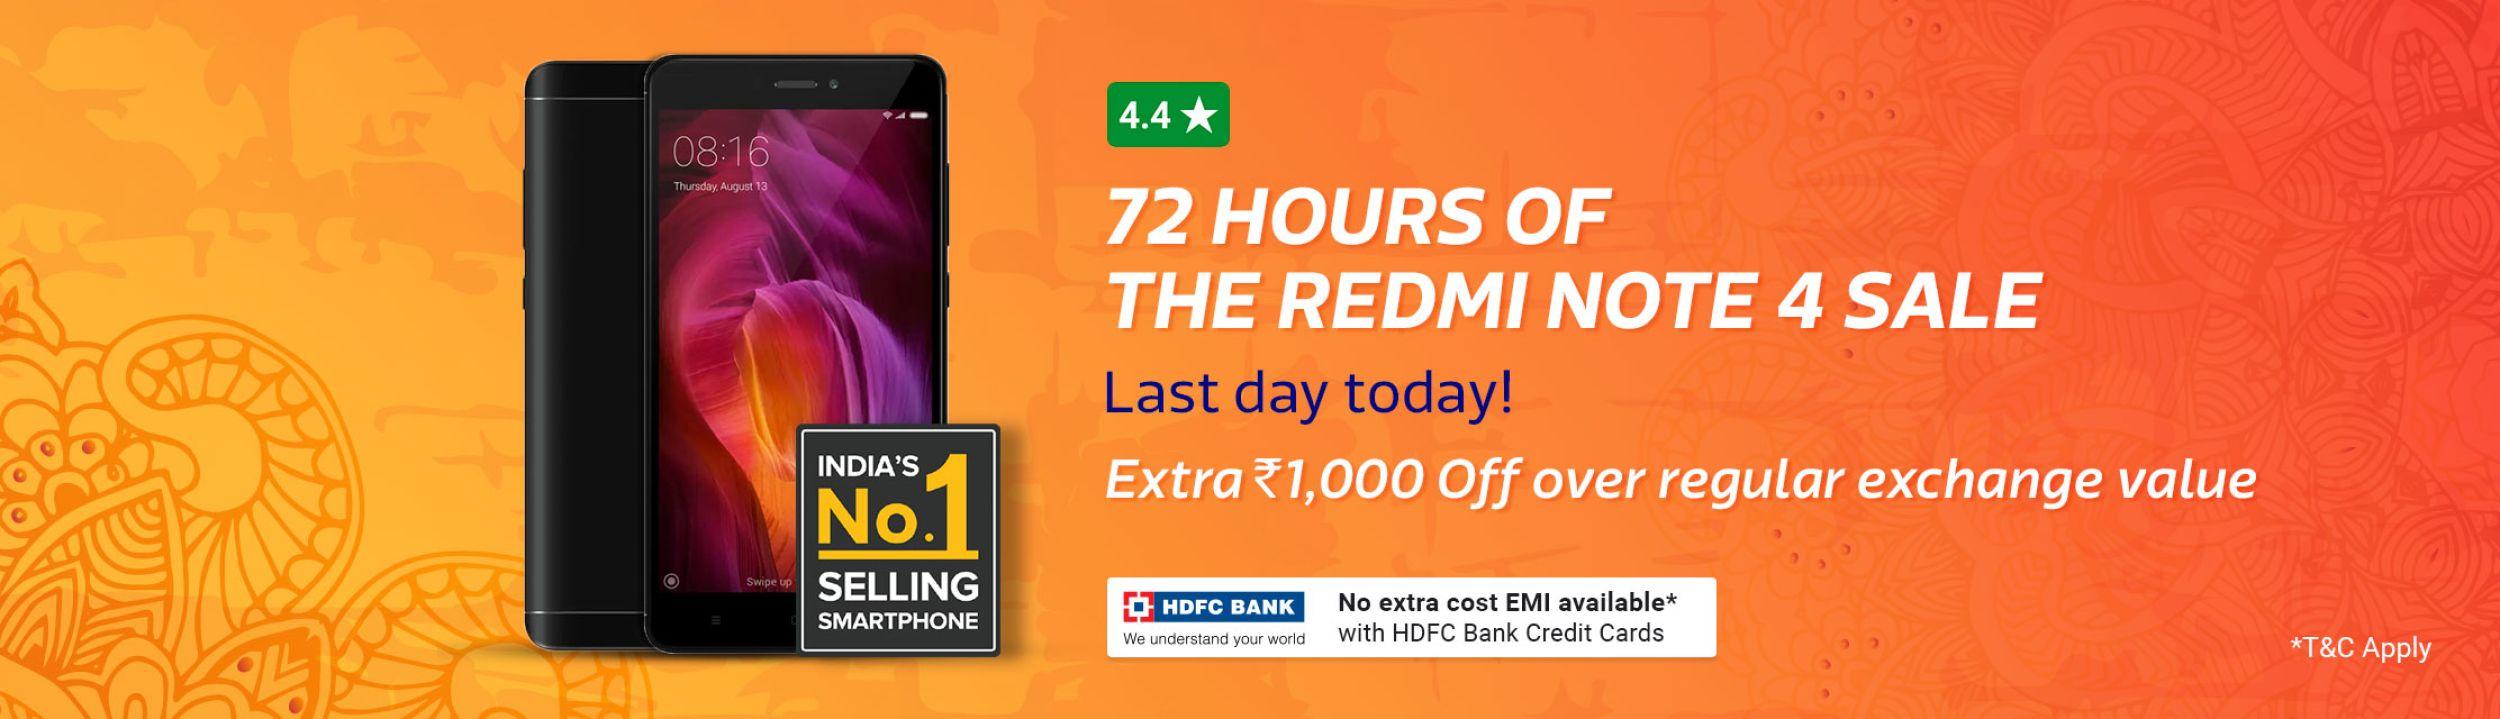 Redmi Note 4 Mobiles Price in India